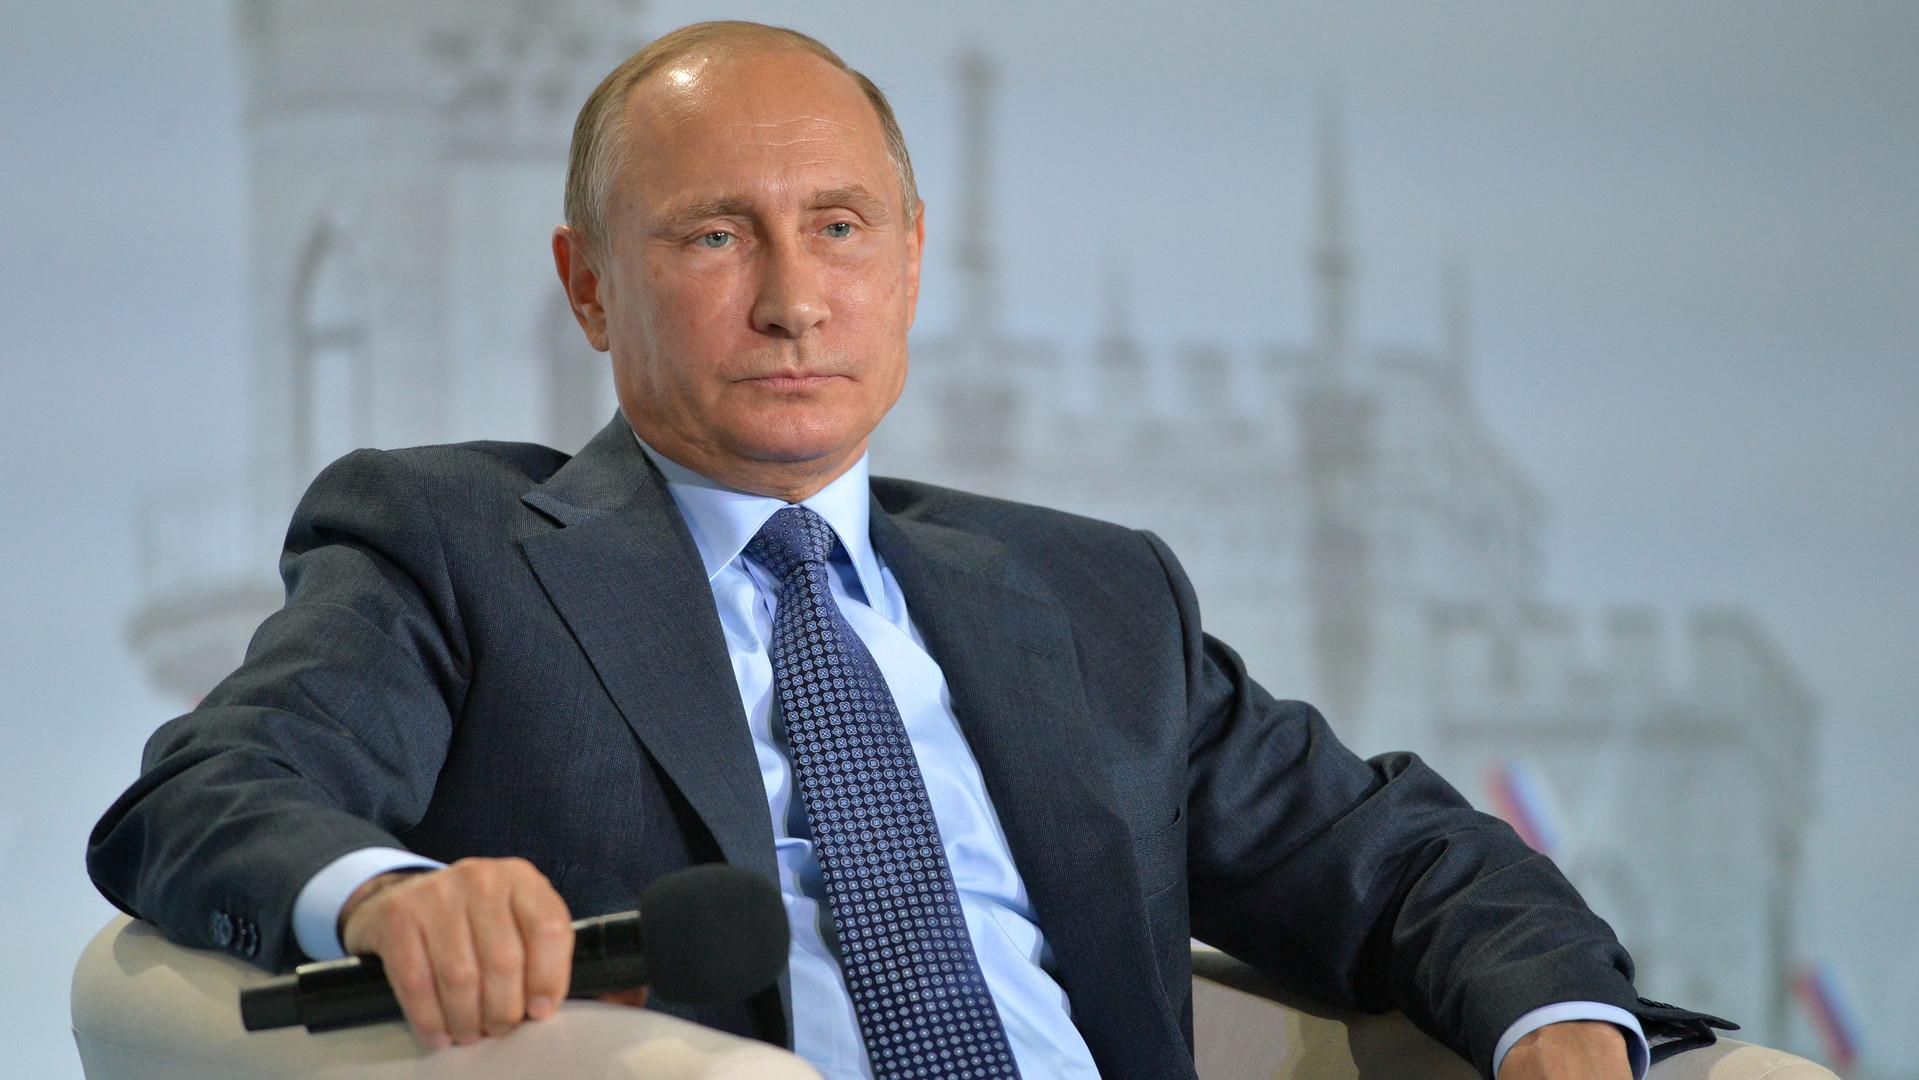 Мост, здравоохранение, туристы и рыбная ловля: о чём говорил Путин на форуме ОНФ в Ялте